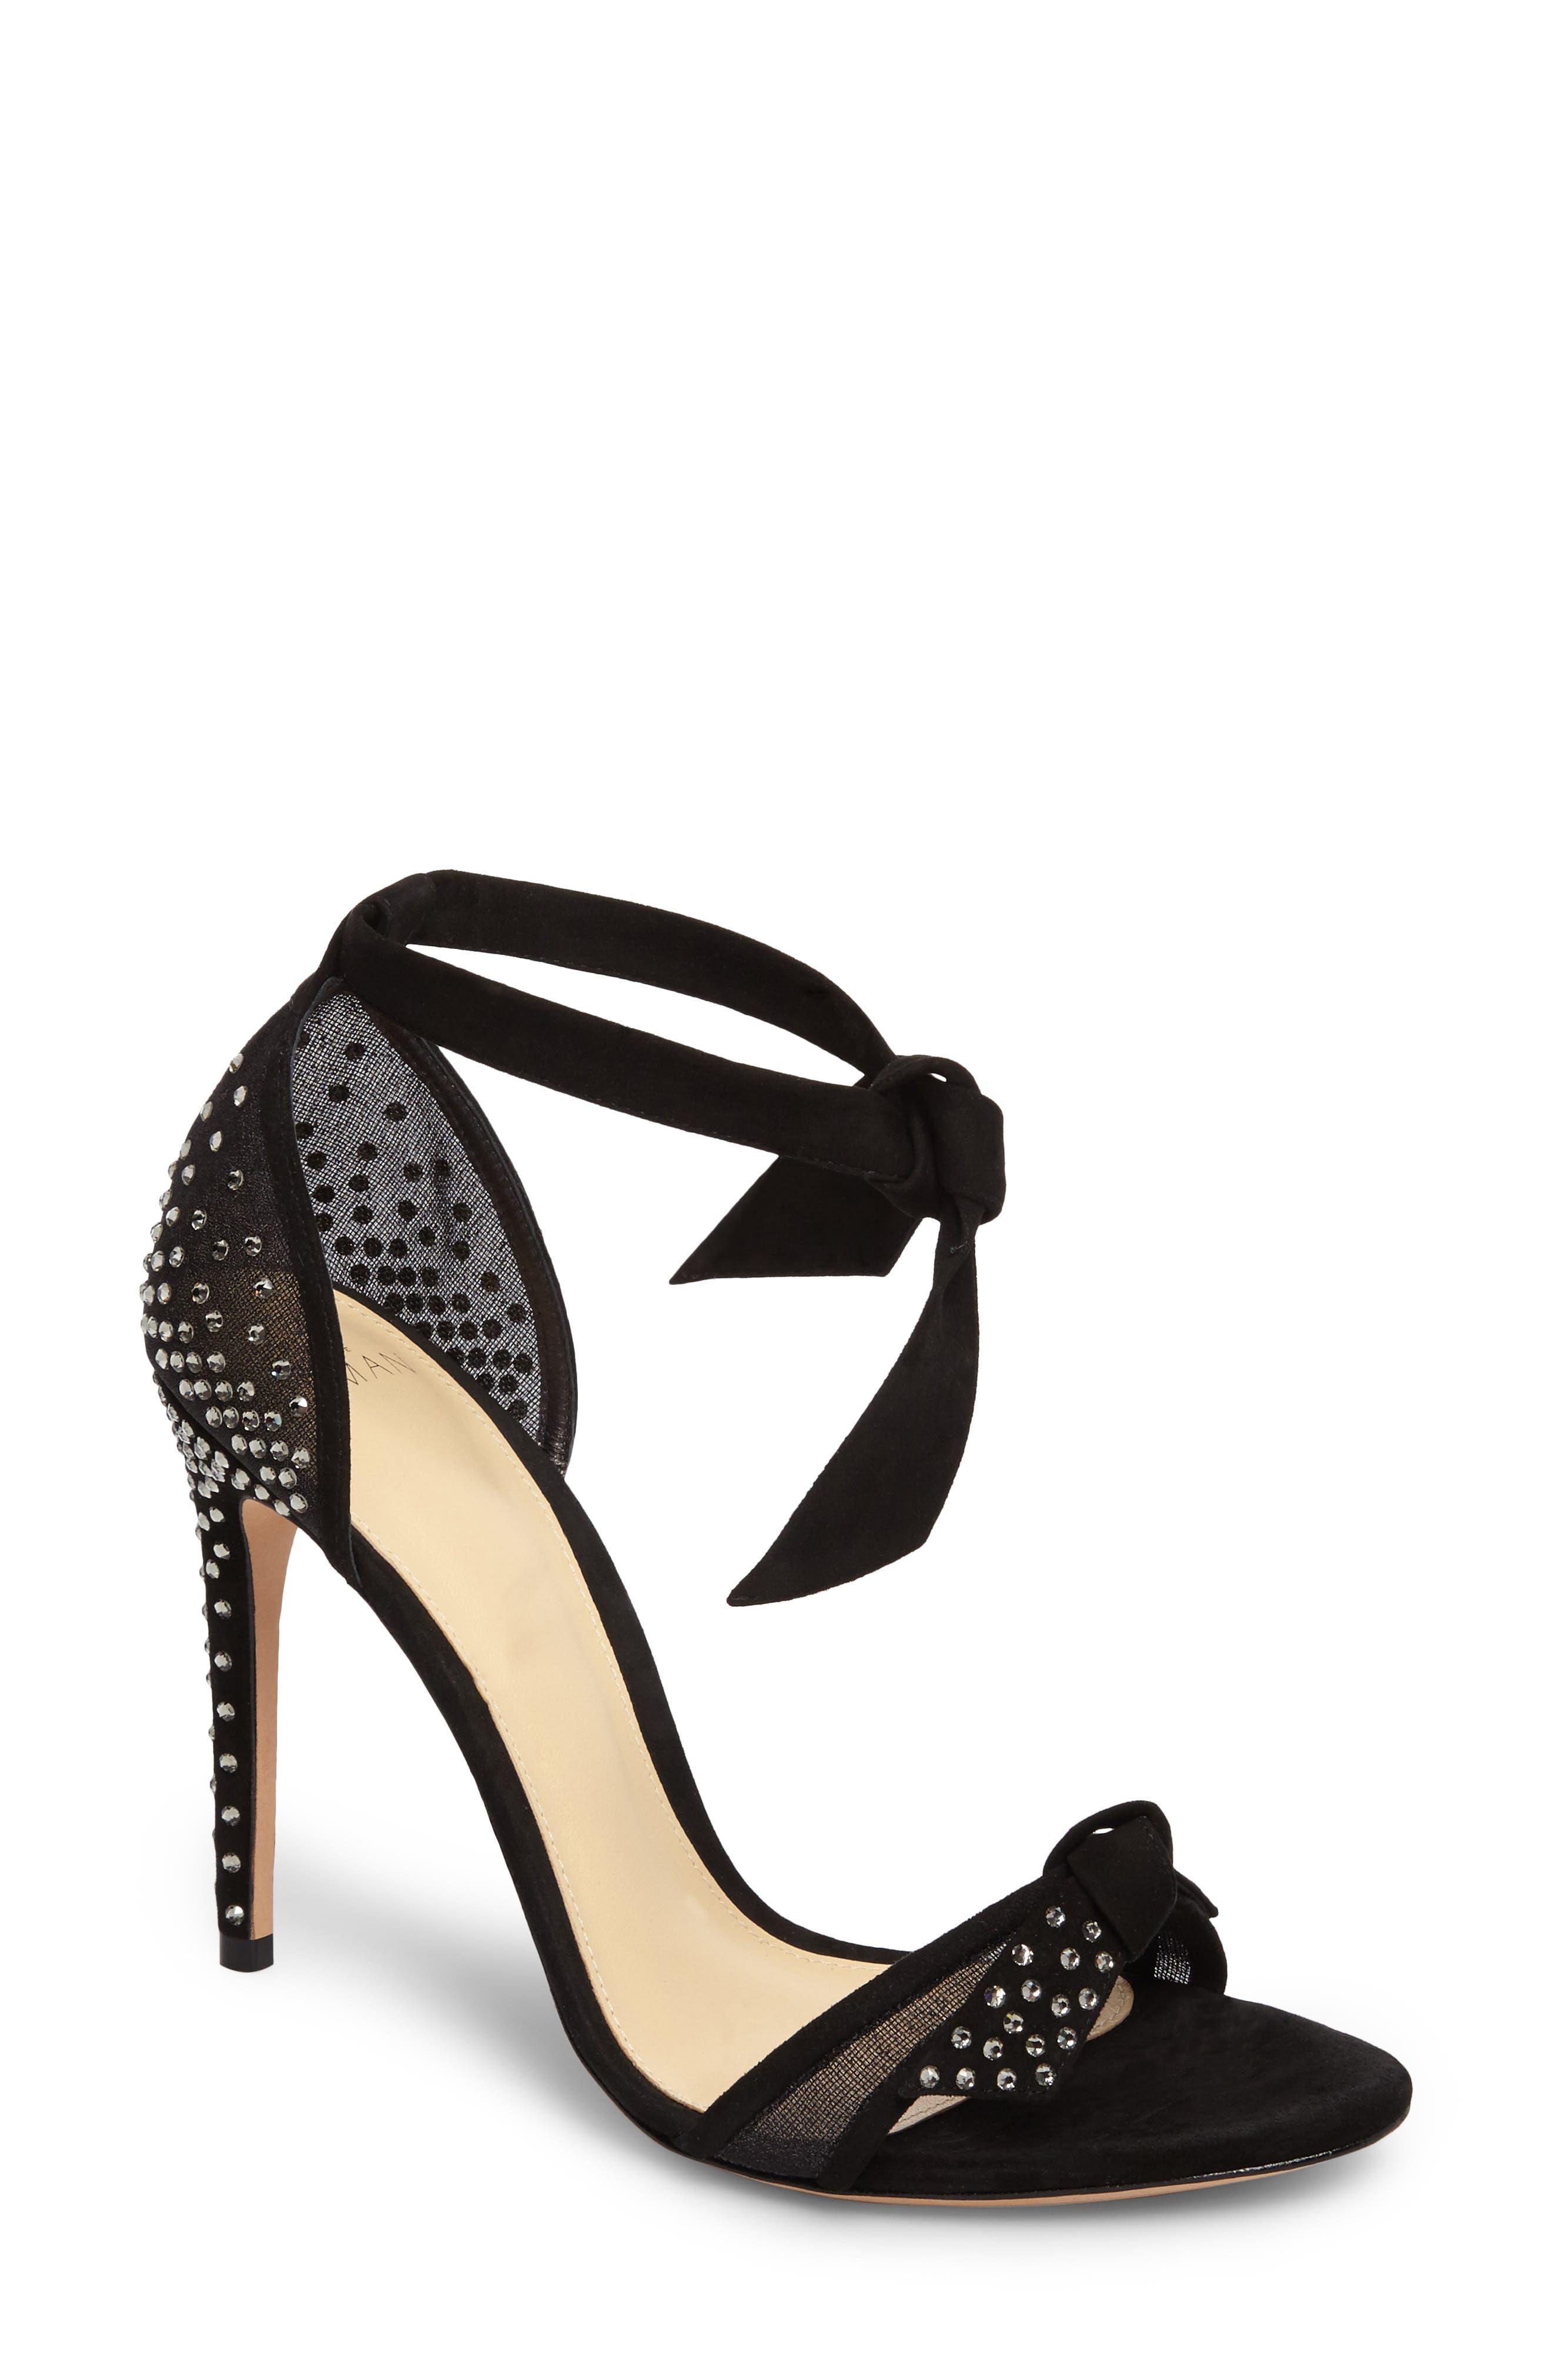 Clarita Stars Sandal,                             Main thumbnail 1, color,                             Black